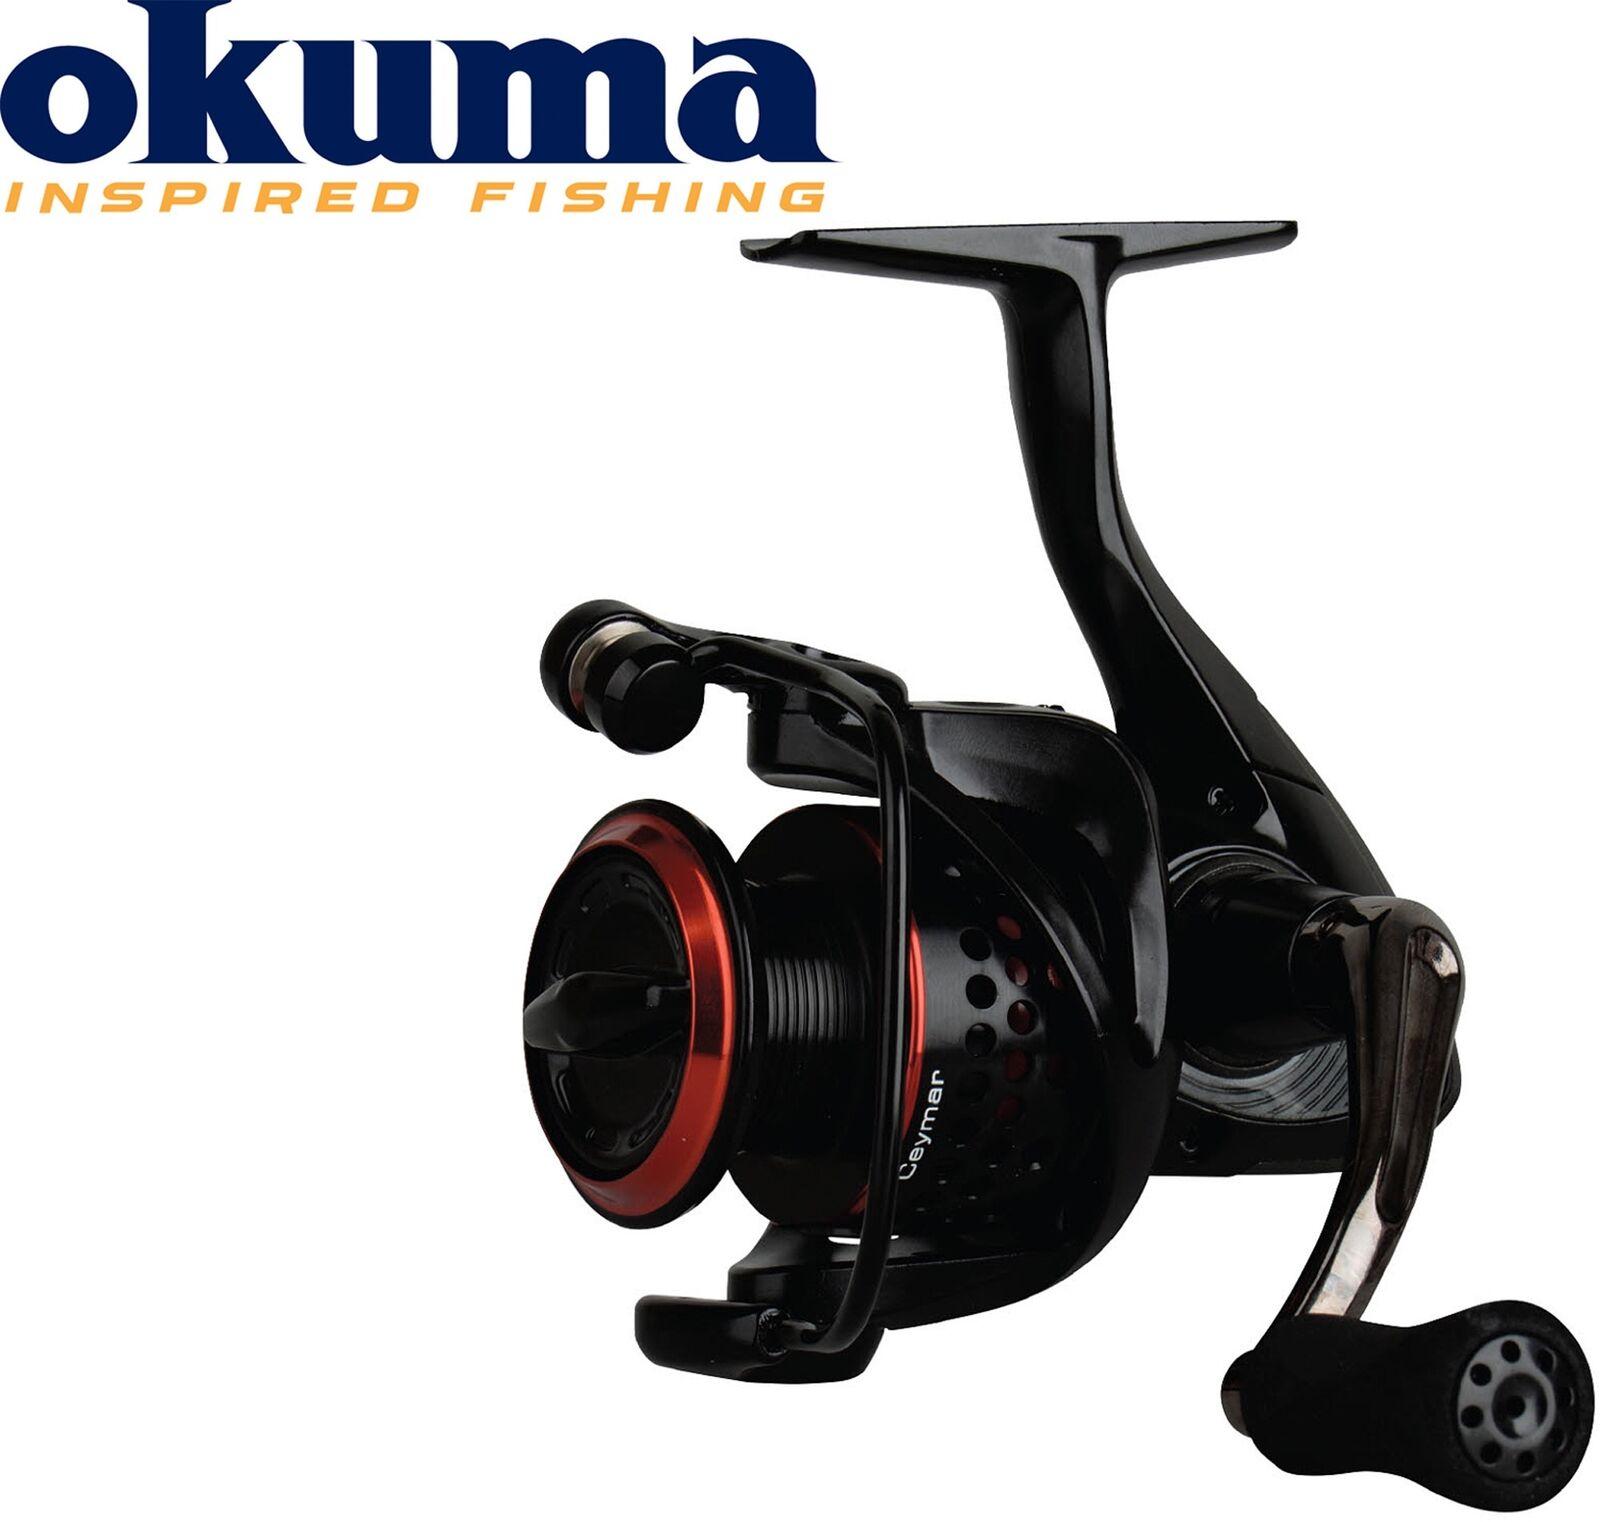 Okuma Schnurfassung, Ceymar XT CXT-55 Rolle – 325m 0,30mm Schnurfassung, Okuma Spinnrolle, Hechtrolle 8d71a5